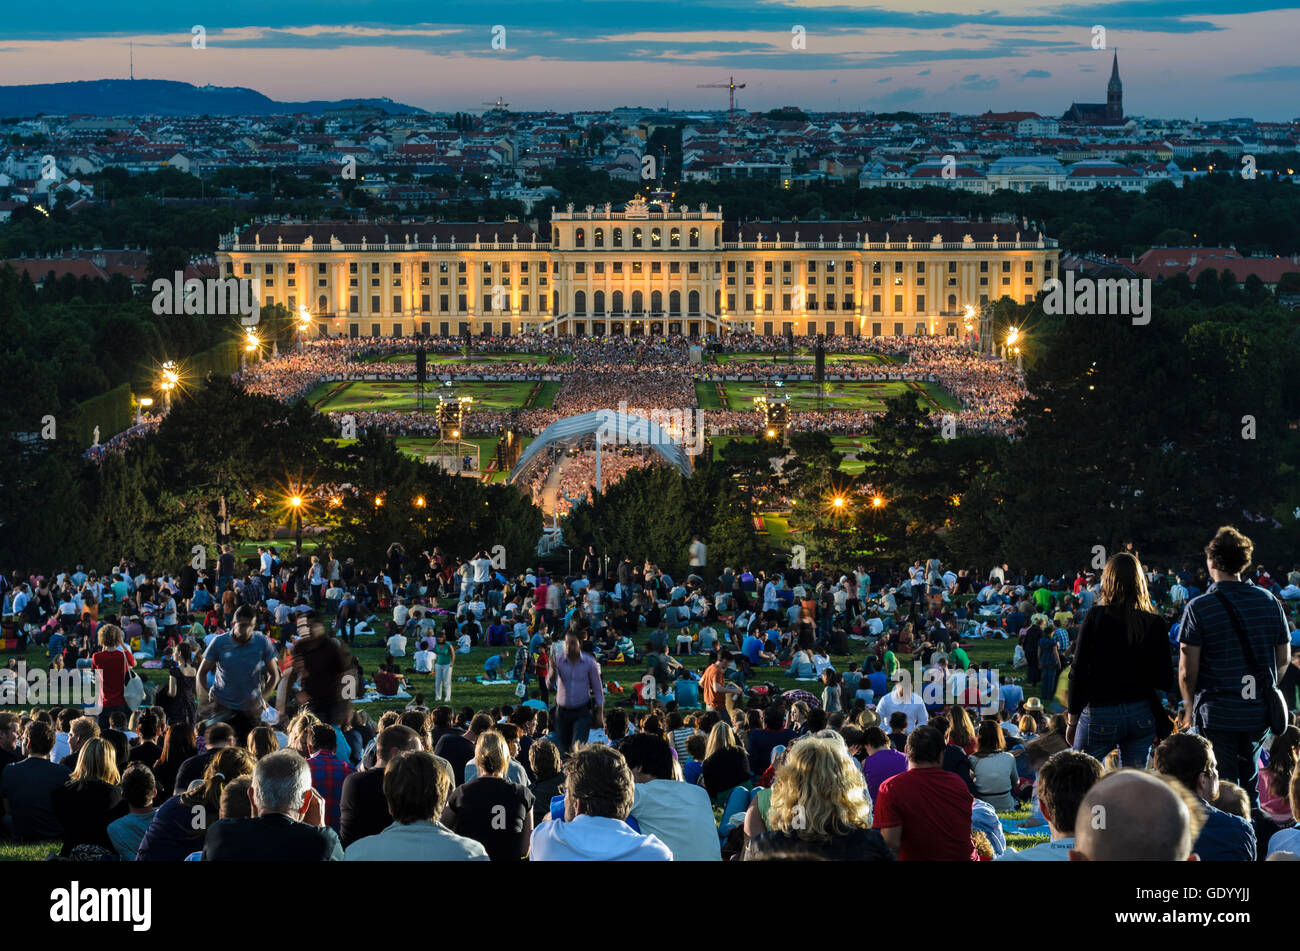 Wien, Vienna: Notte estiva concerto della Filarmonica di Vienna nel parco del Palazzo di Schönbrunn Austria Immagini Stock